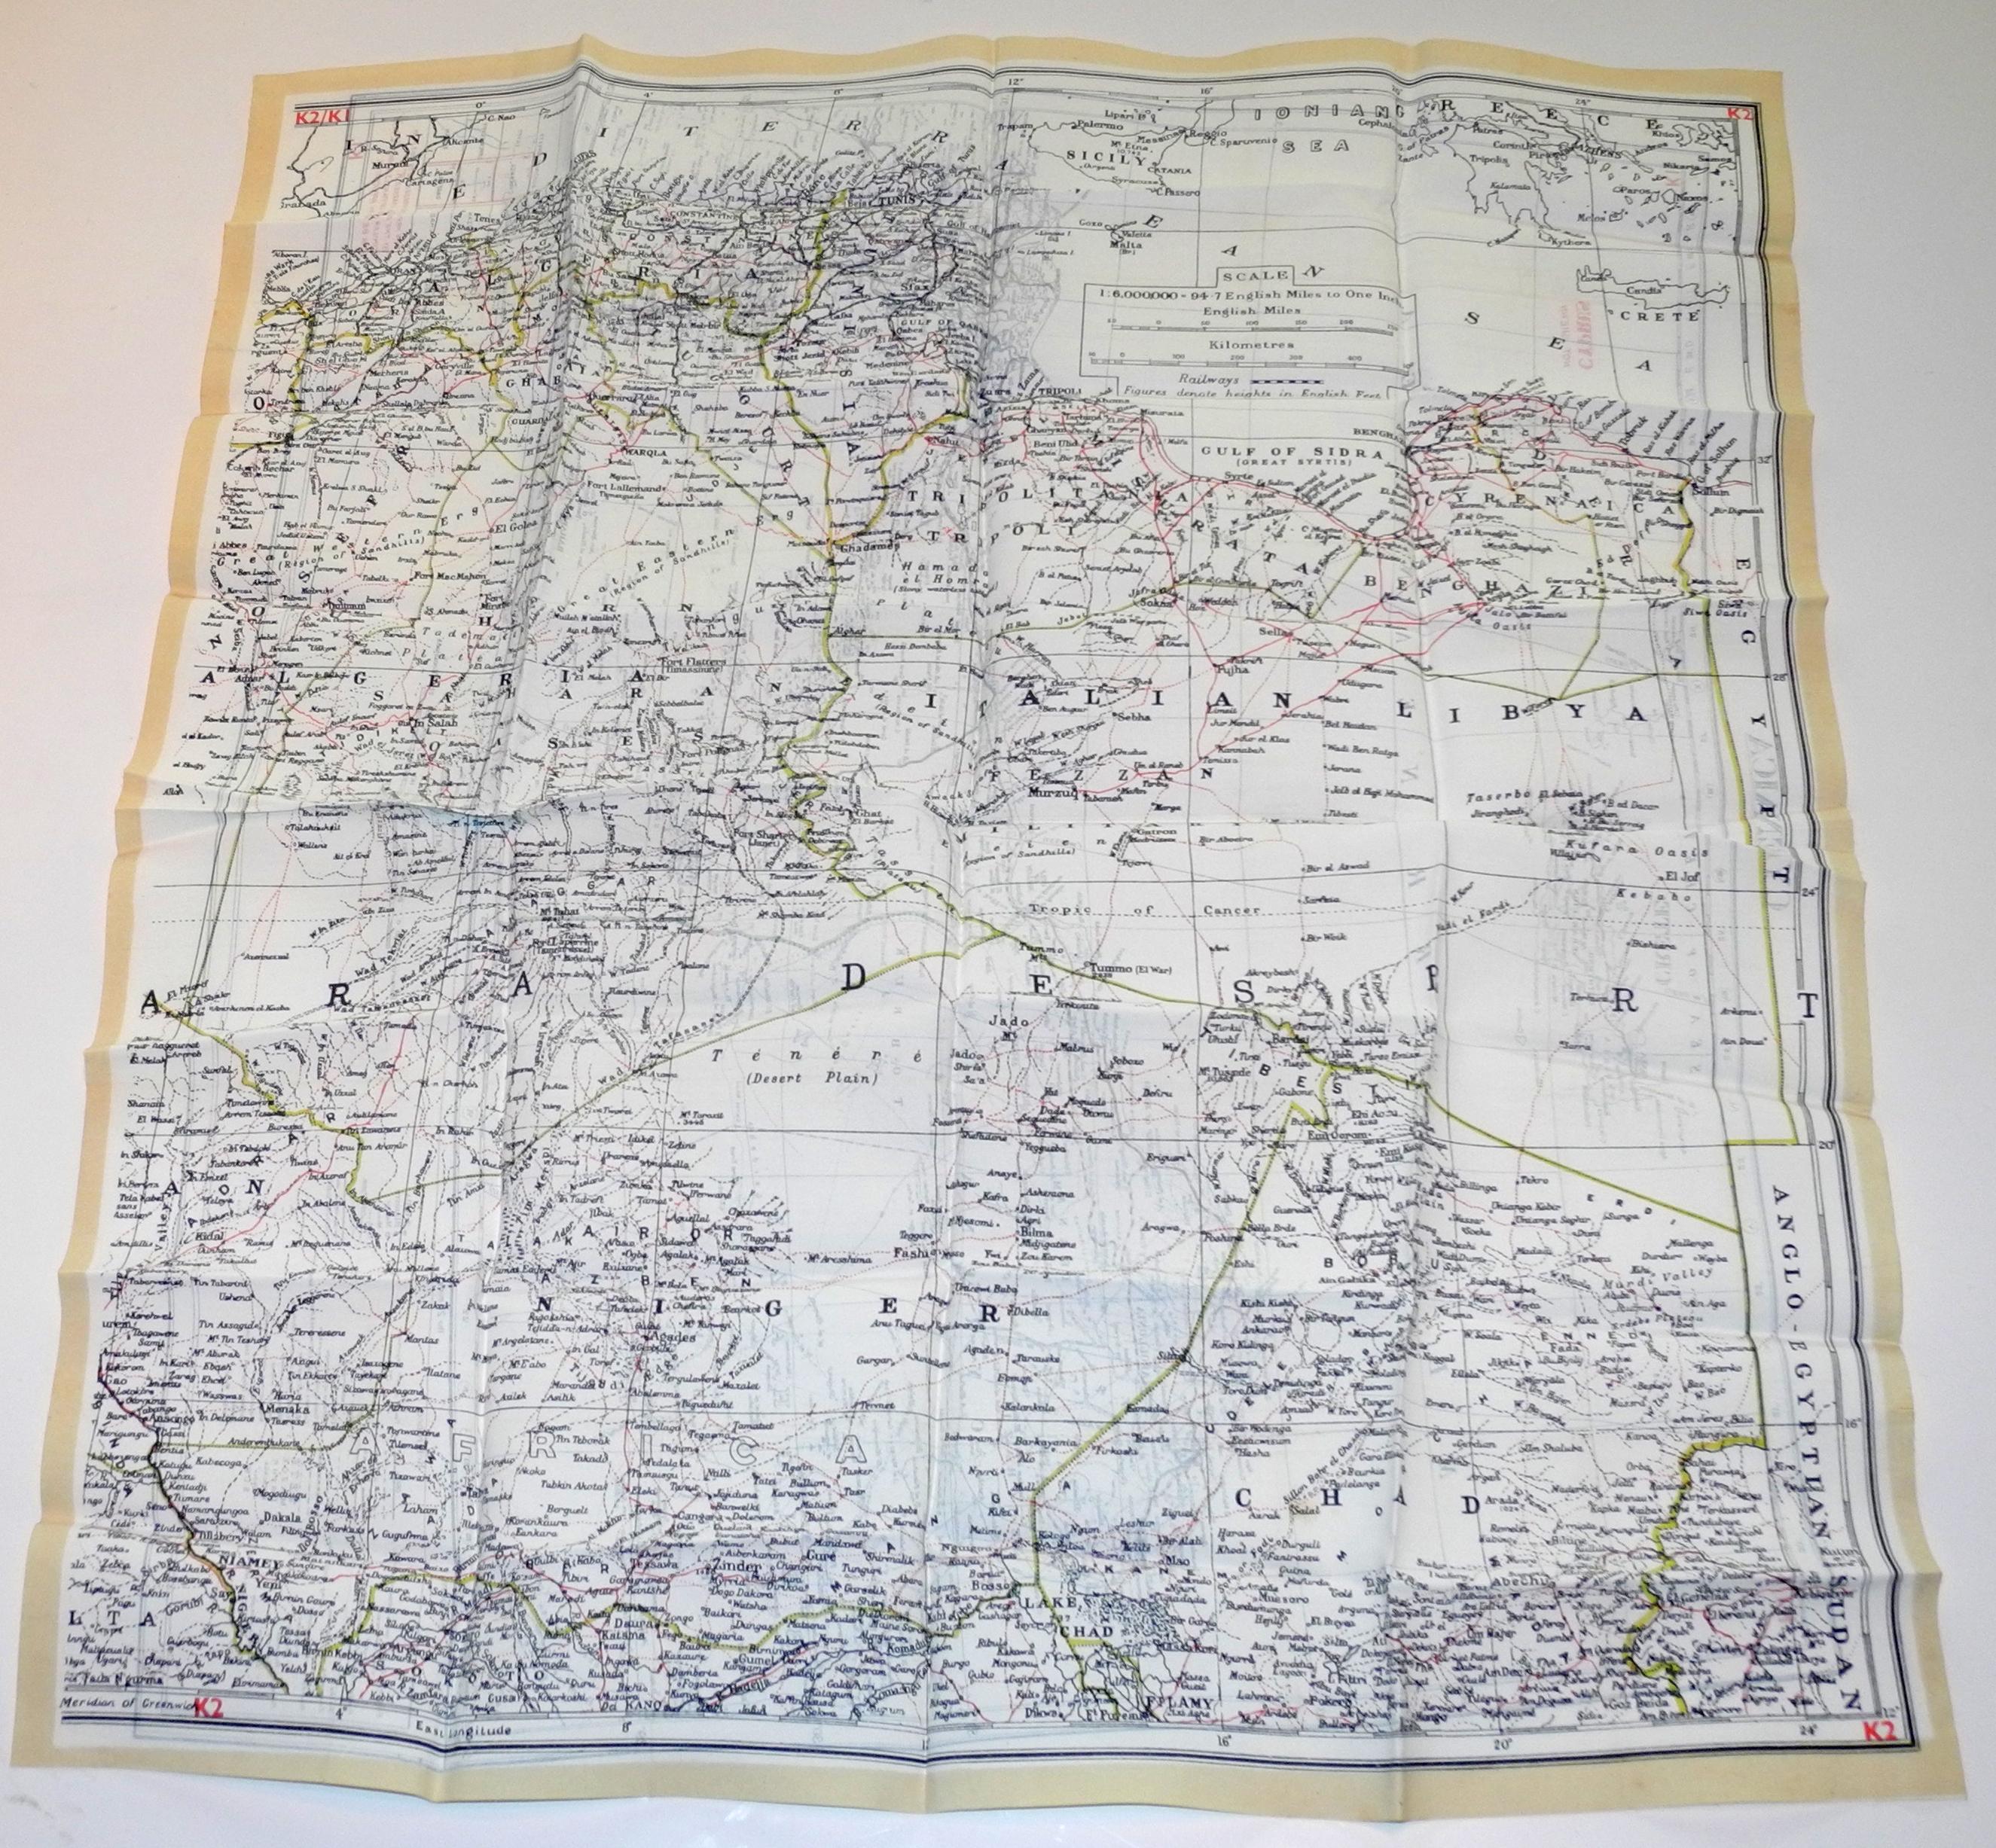 RAF escae map Libya/Crete/N.Africa K1/K2escae map Libya/Crete/N.Africa K1/K2